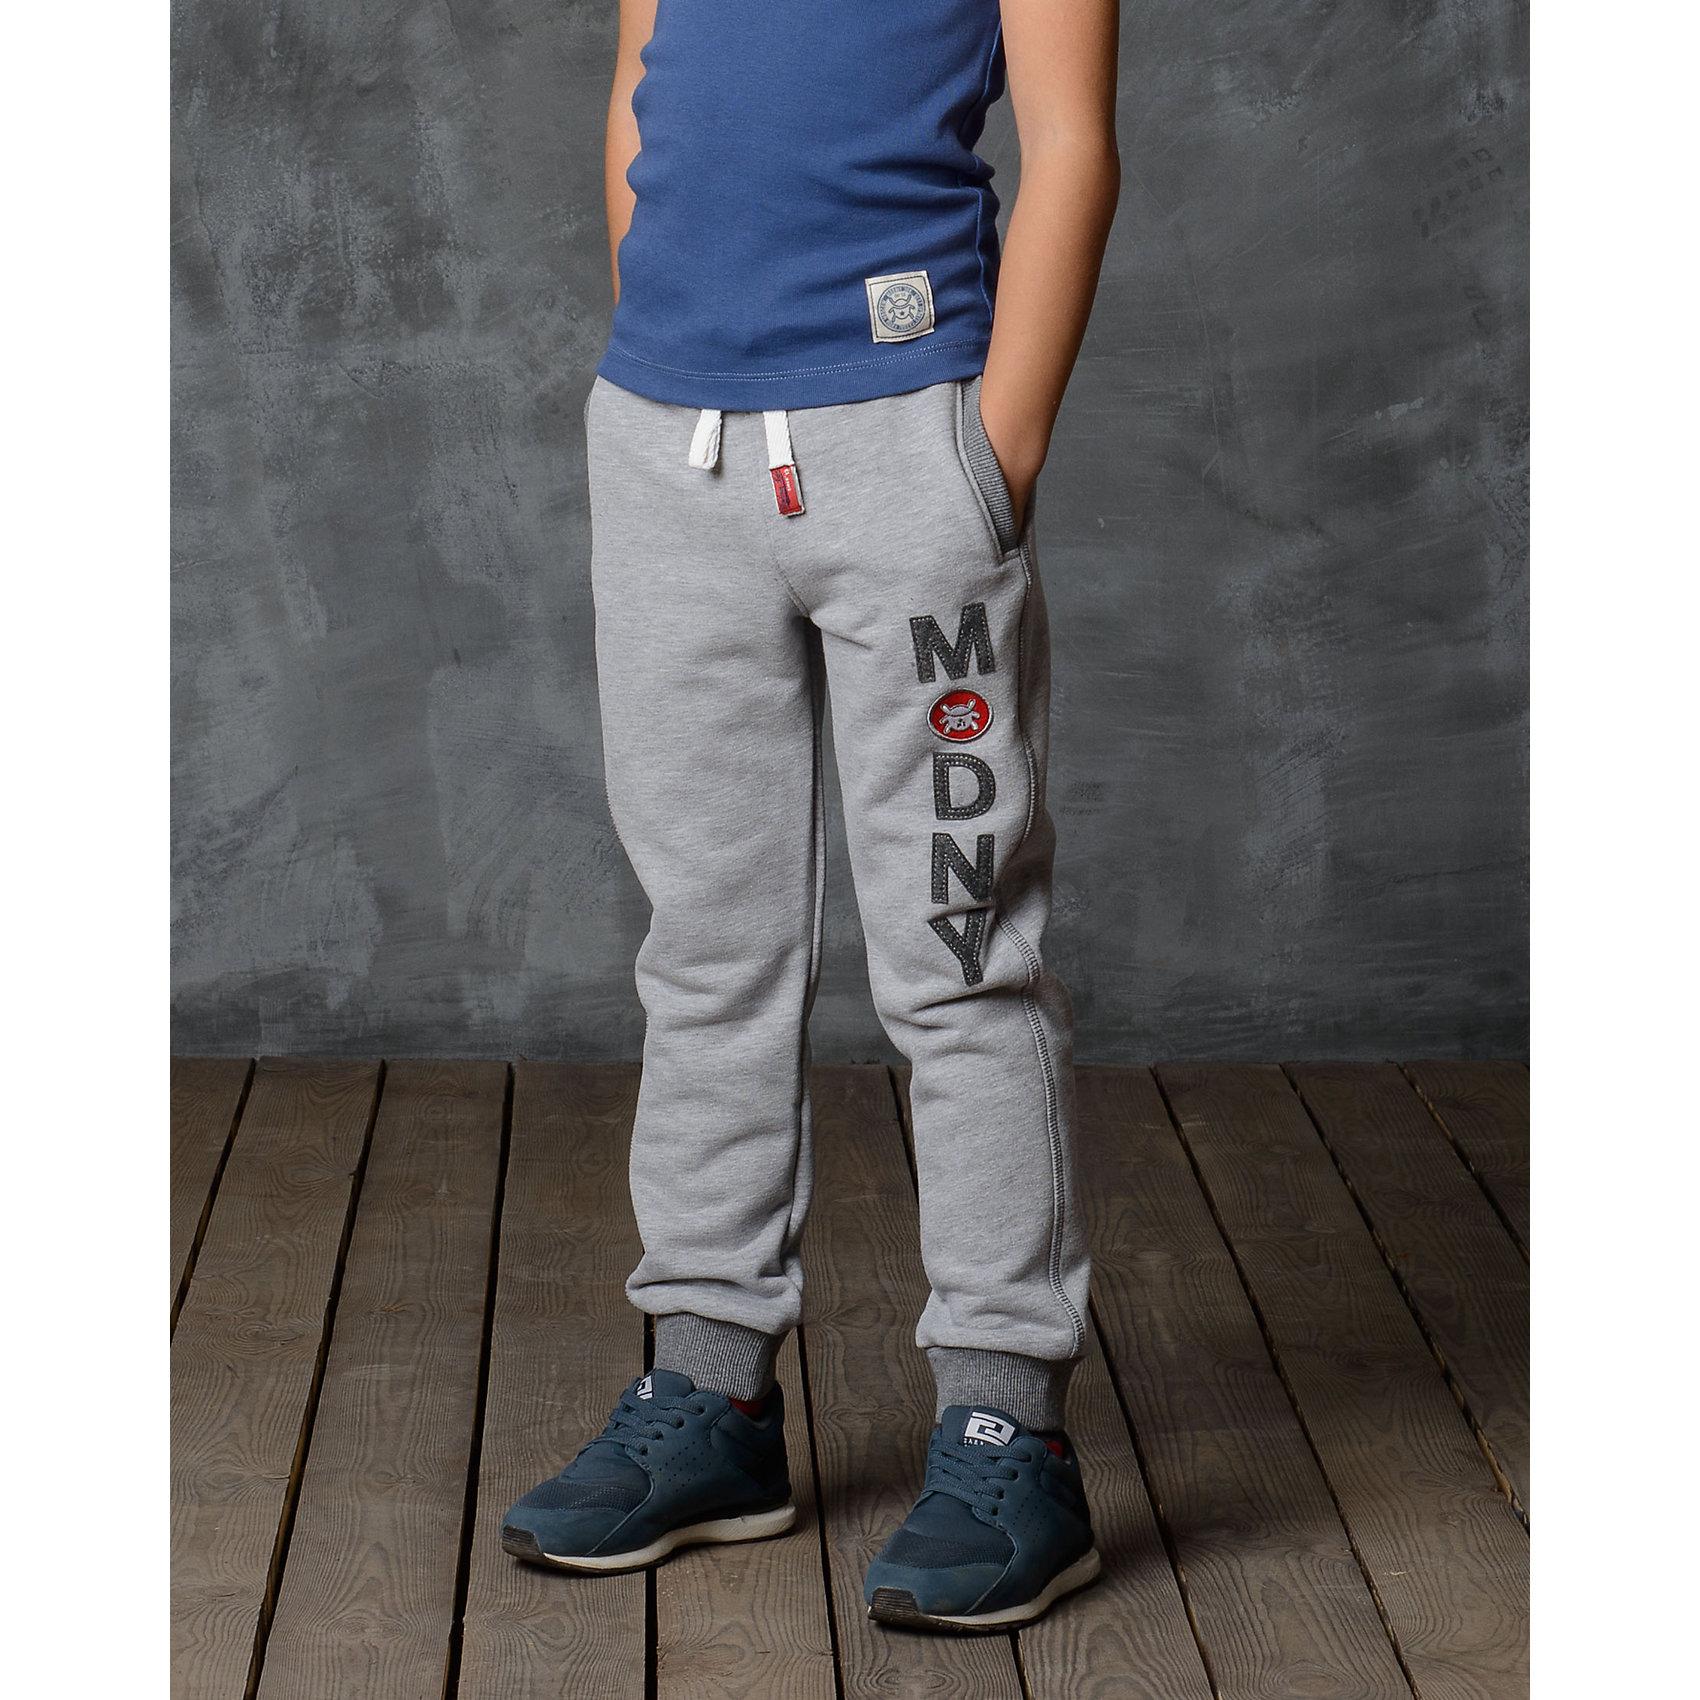 Брюки для мальчика Modniy JukБрюки<br>Характеристики товара:<br><br>• цвет: серый<br>• состав: 70% хлопок, 30% полиэстер<br>• спортивный силуэт<br>• карманы<br>• пояс - мягкая резинка<br>• манжеты<br>• логотип<br>• шнурок в поясе<br><br>• страна бренда: Российская Федерация<br>• страна производства: Российская Федерация<br><br>Модели одежды из новой коллекции от бренда Модный жук - это стильные и удобные вещи, созданные специально для детей. Они отличаются продуманным дизайном, качественными материалами и комфортной посадкой. Дети носят их с удовольствием! Стильные брюки спортивного силуэта - хит сезона, отличный вариант базовой вещи для разной погоды. Они отлично сочетаются с майками, футболками, куртками. Хорошо сидят по фигуре.<br>Одежда и аксессуары от российского бренда Модный жук - это способ пополнить гардероб ребенка модными изделиями по доступной цене. Для их производства используются только безопасные, проверенные материалы и фурнитура. Новая коллекция поддерживает хорошие традиции бренда! <br><br>Брюки для мальчика от популярного бренда Модный жук можно купить в нашем интернет-магазине.<br><br>Ширина мм: 215<br>Глубина мм: 88<br>Высота мм: 191<br>Вес г: 336<br>Цвет: серый<br>Возраст от месяцев: 12<br>Возраст до месяцев: 18<br>Пол: Мужской<br>Возраст: Детский<br>Размер: 86,110,92,98,104<br>SKU: 5613601